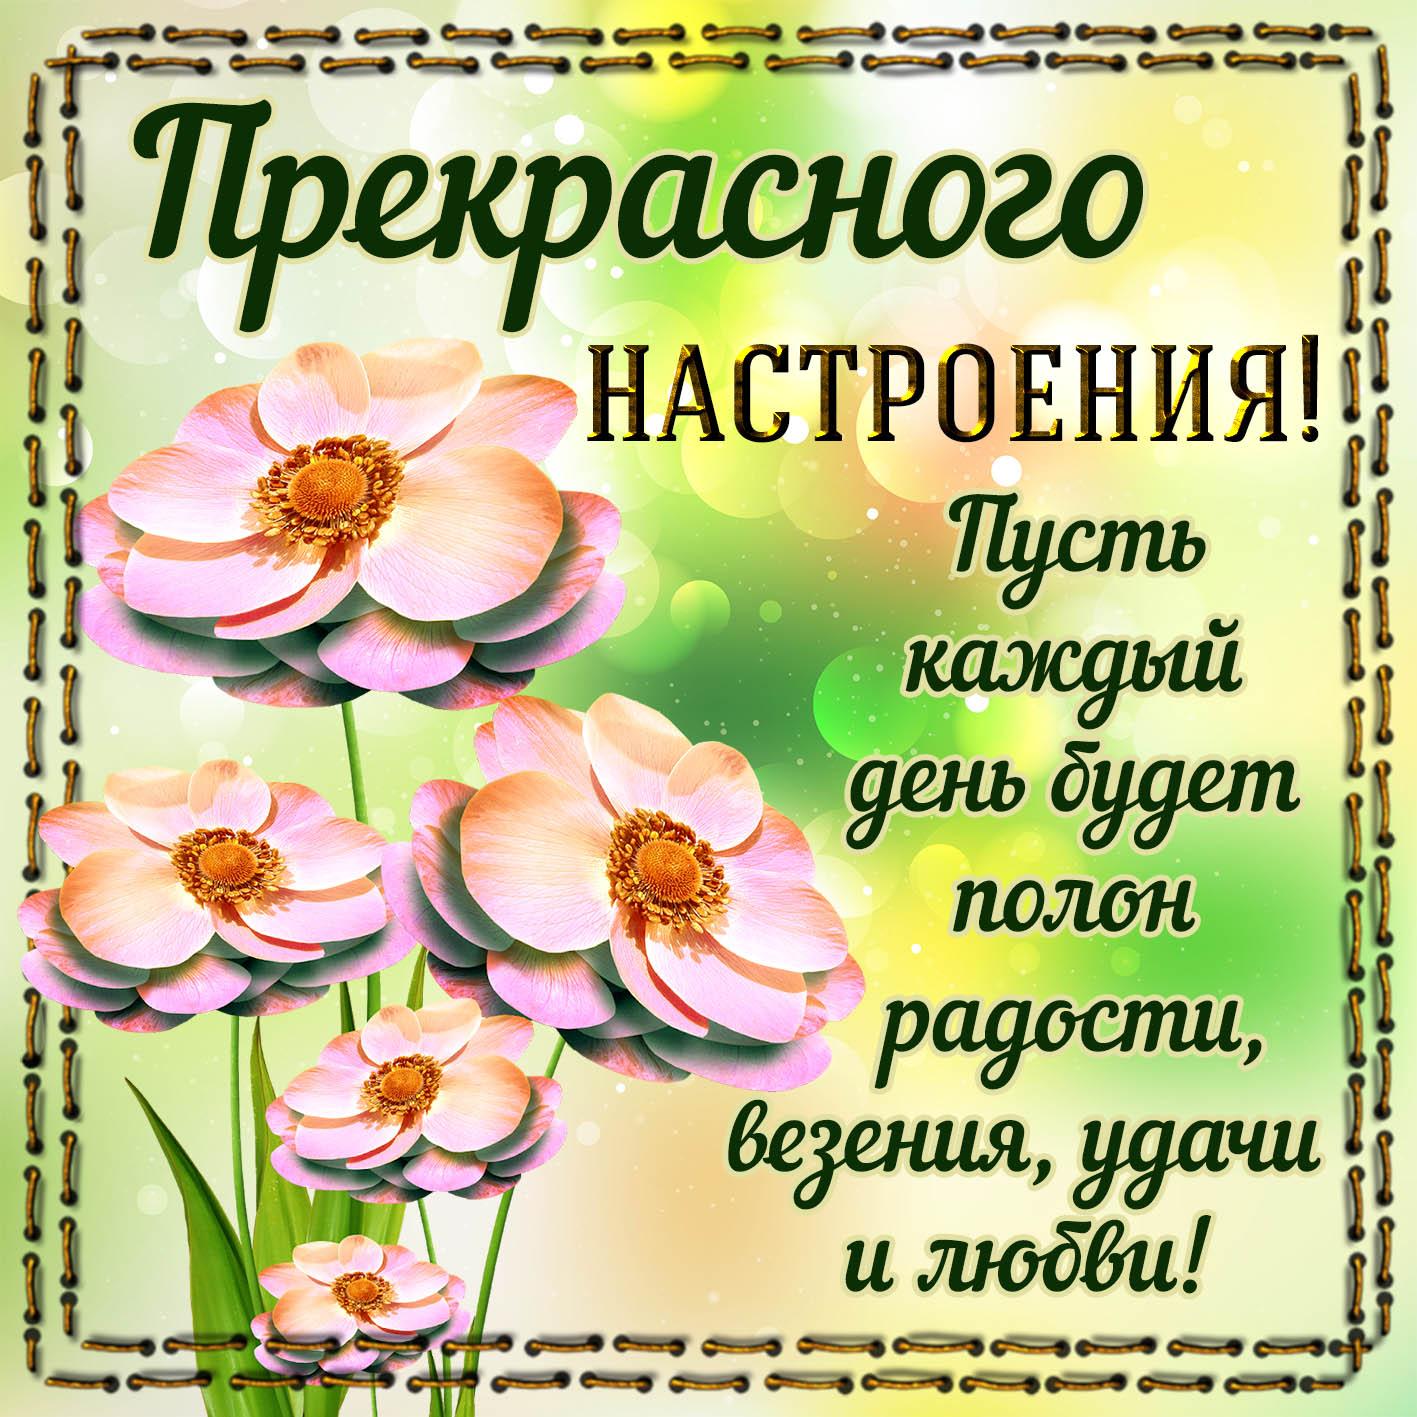 Открытка - цветы в рамочке для прекрасного настроения